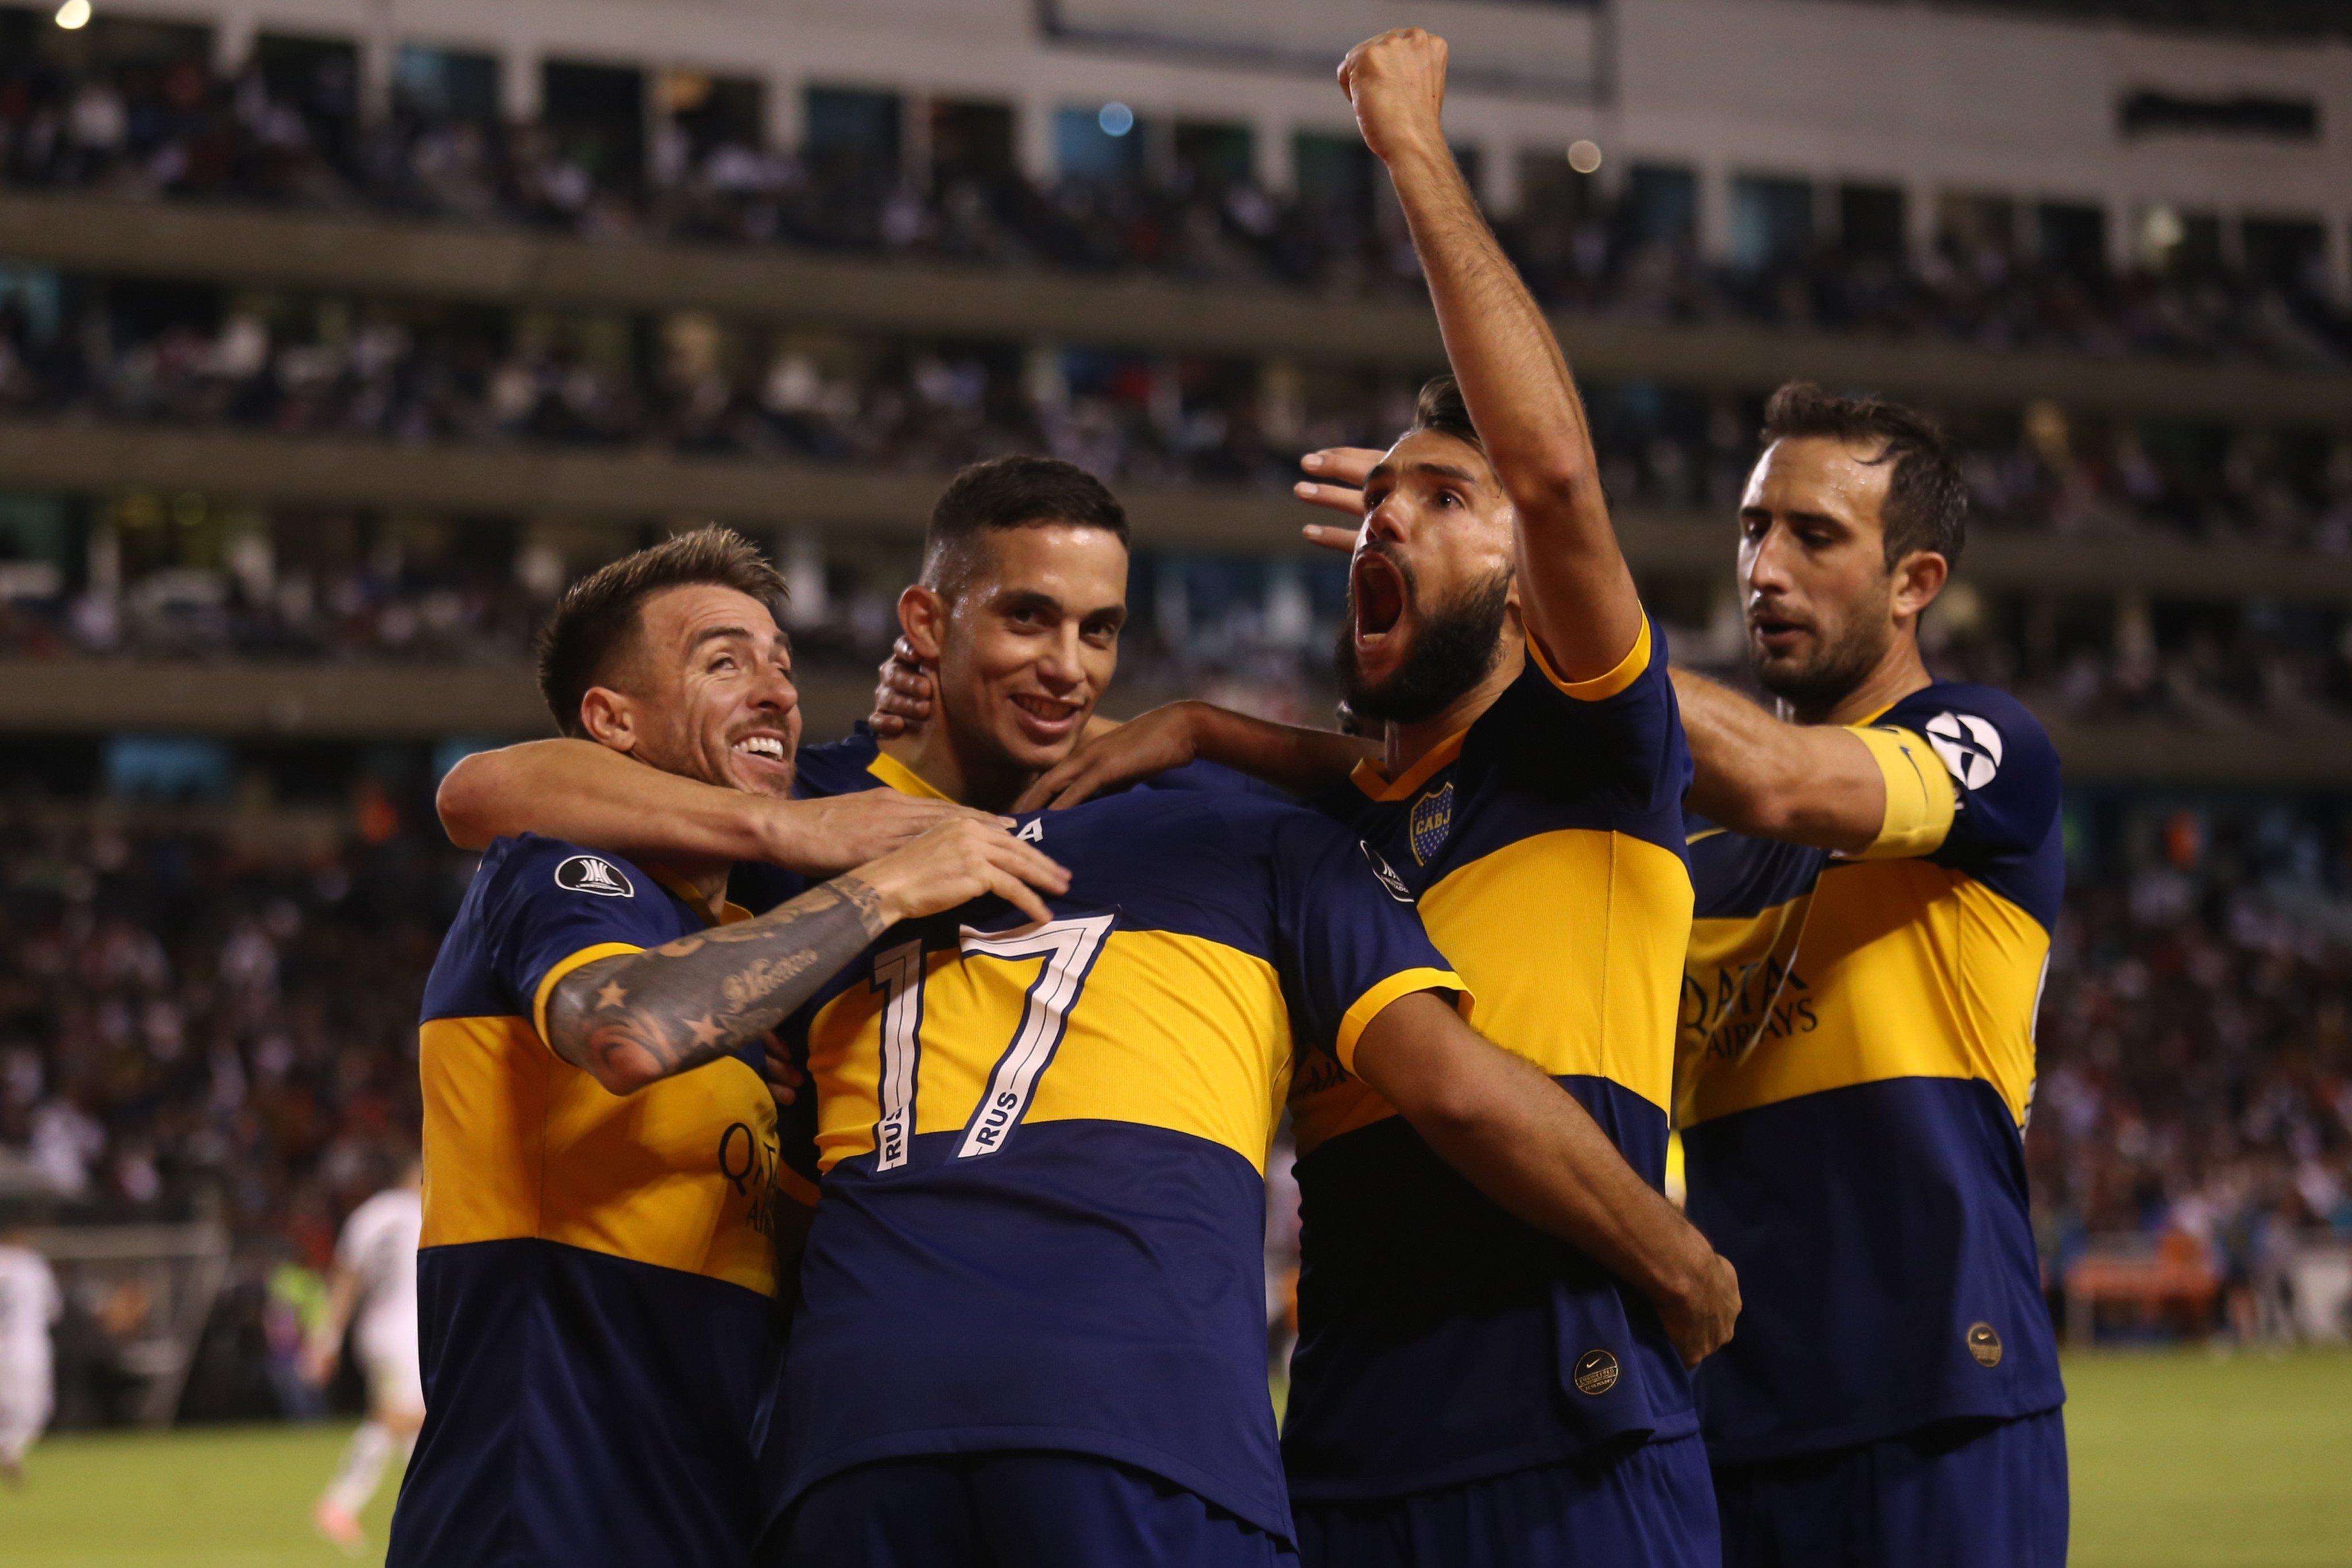 <p>Abrazo de gol. Boca buscará extender su buena semana en la Superliga.</p>